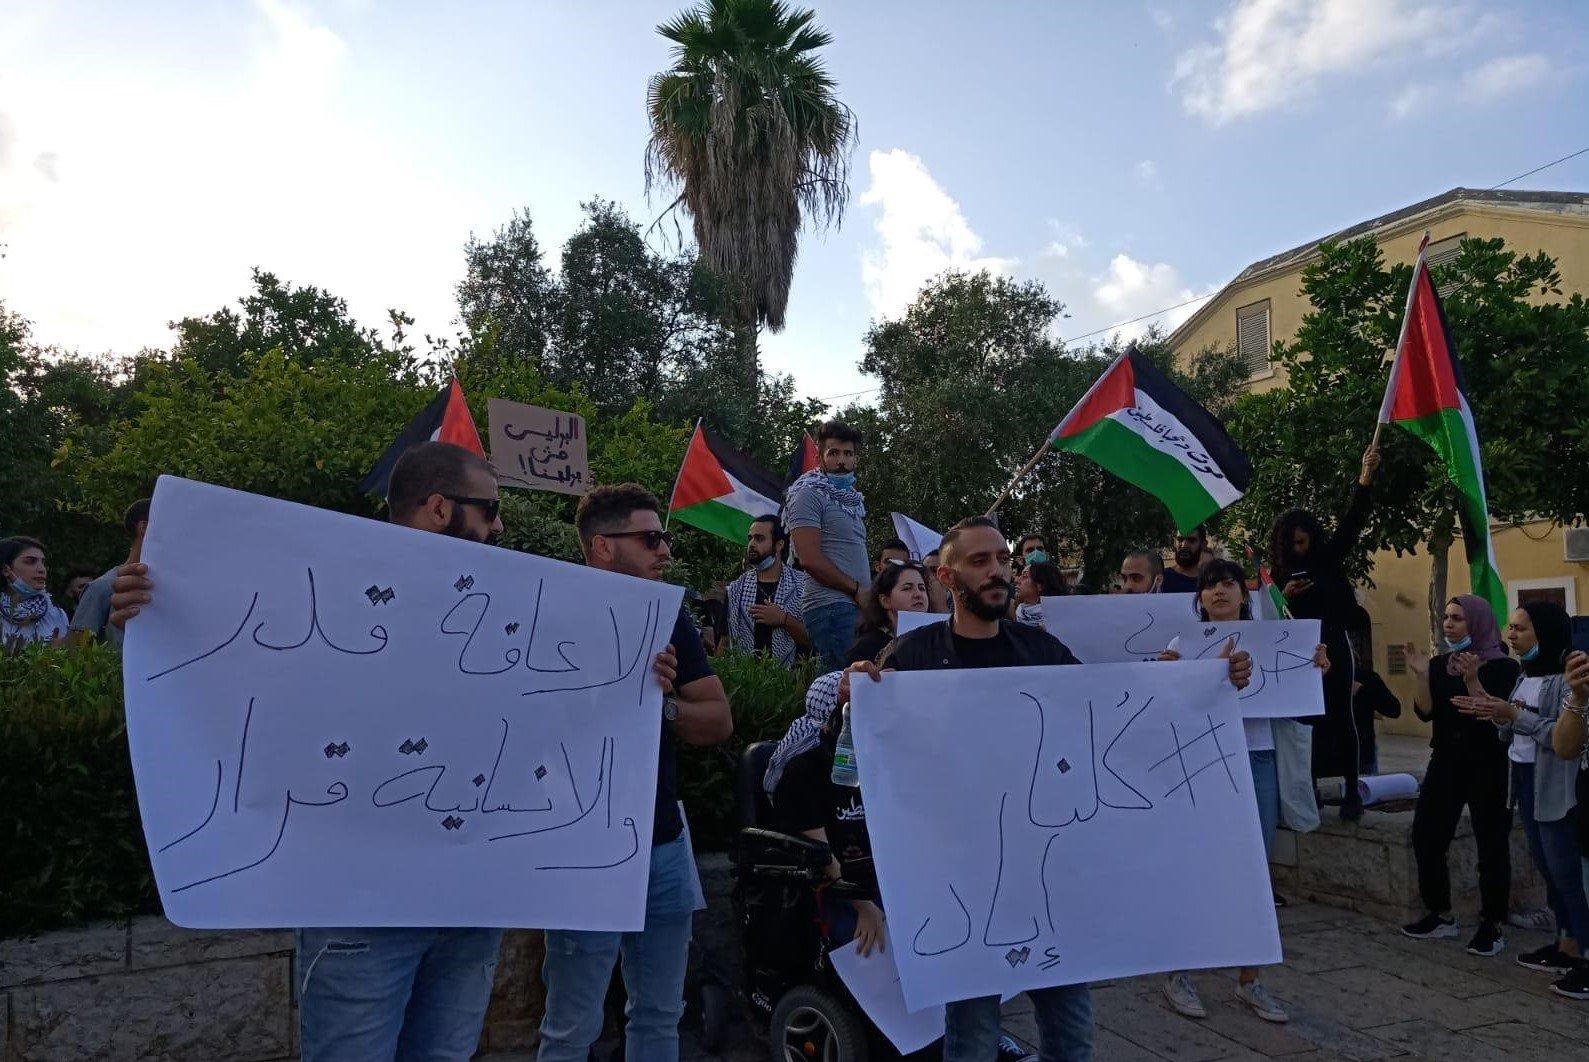 Un manifestant brandit une pancarte disant «Nous sommes tous des Eyad» lors d'une manifestation à Haïfa, en Israël, le 2 juin